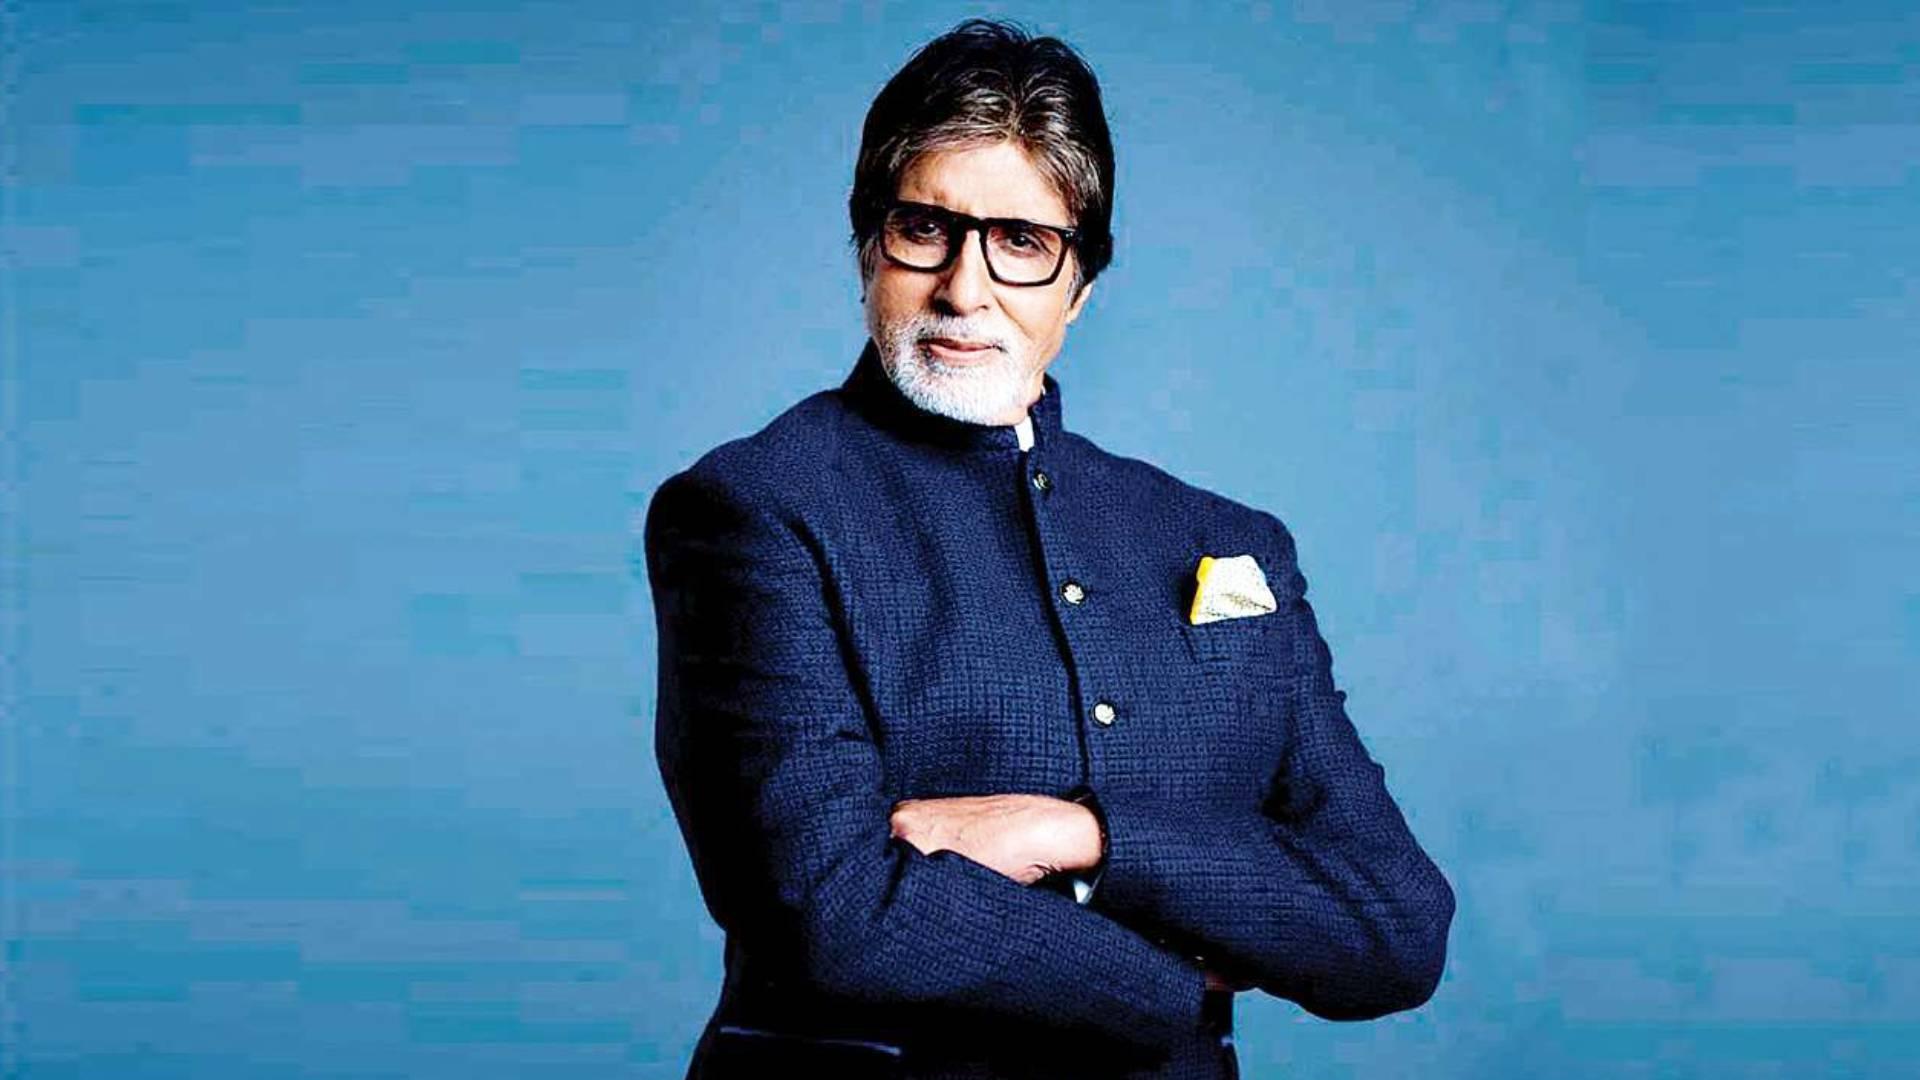 अमिताभ बच्चन ने बॉलीवुड में पूरे किए 50 साल, पहली फिल्म के लिए मिली थी बस इतनी फीस